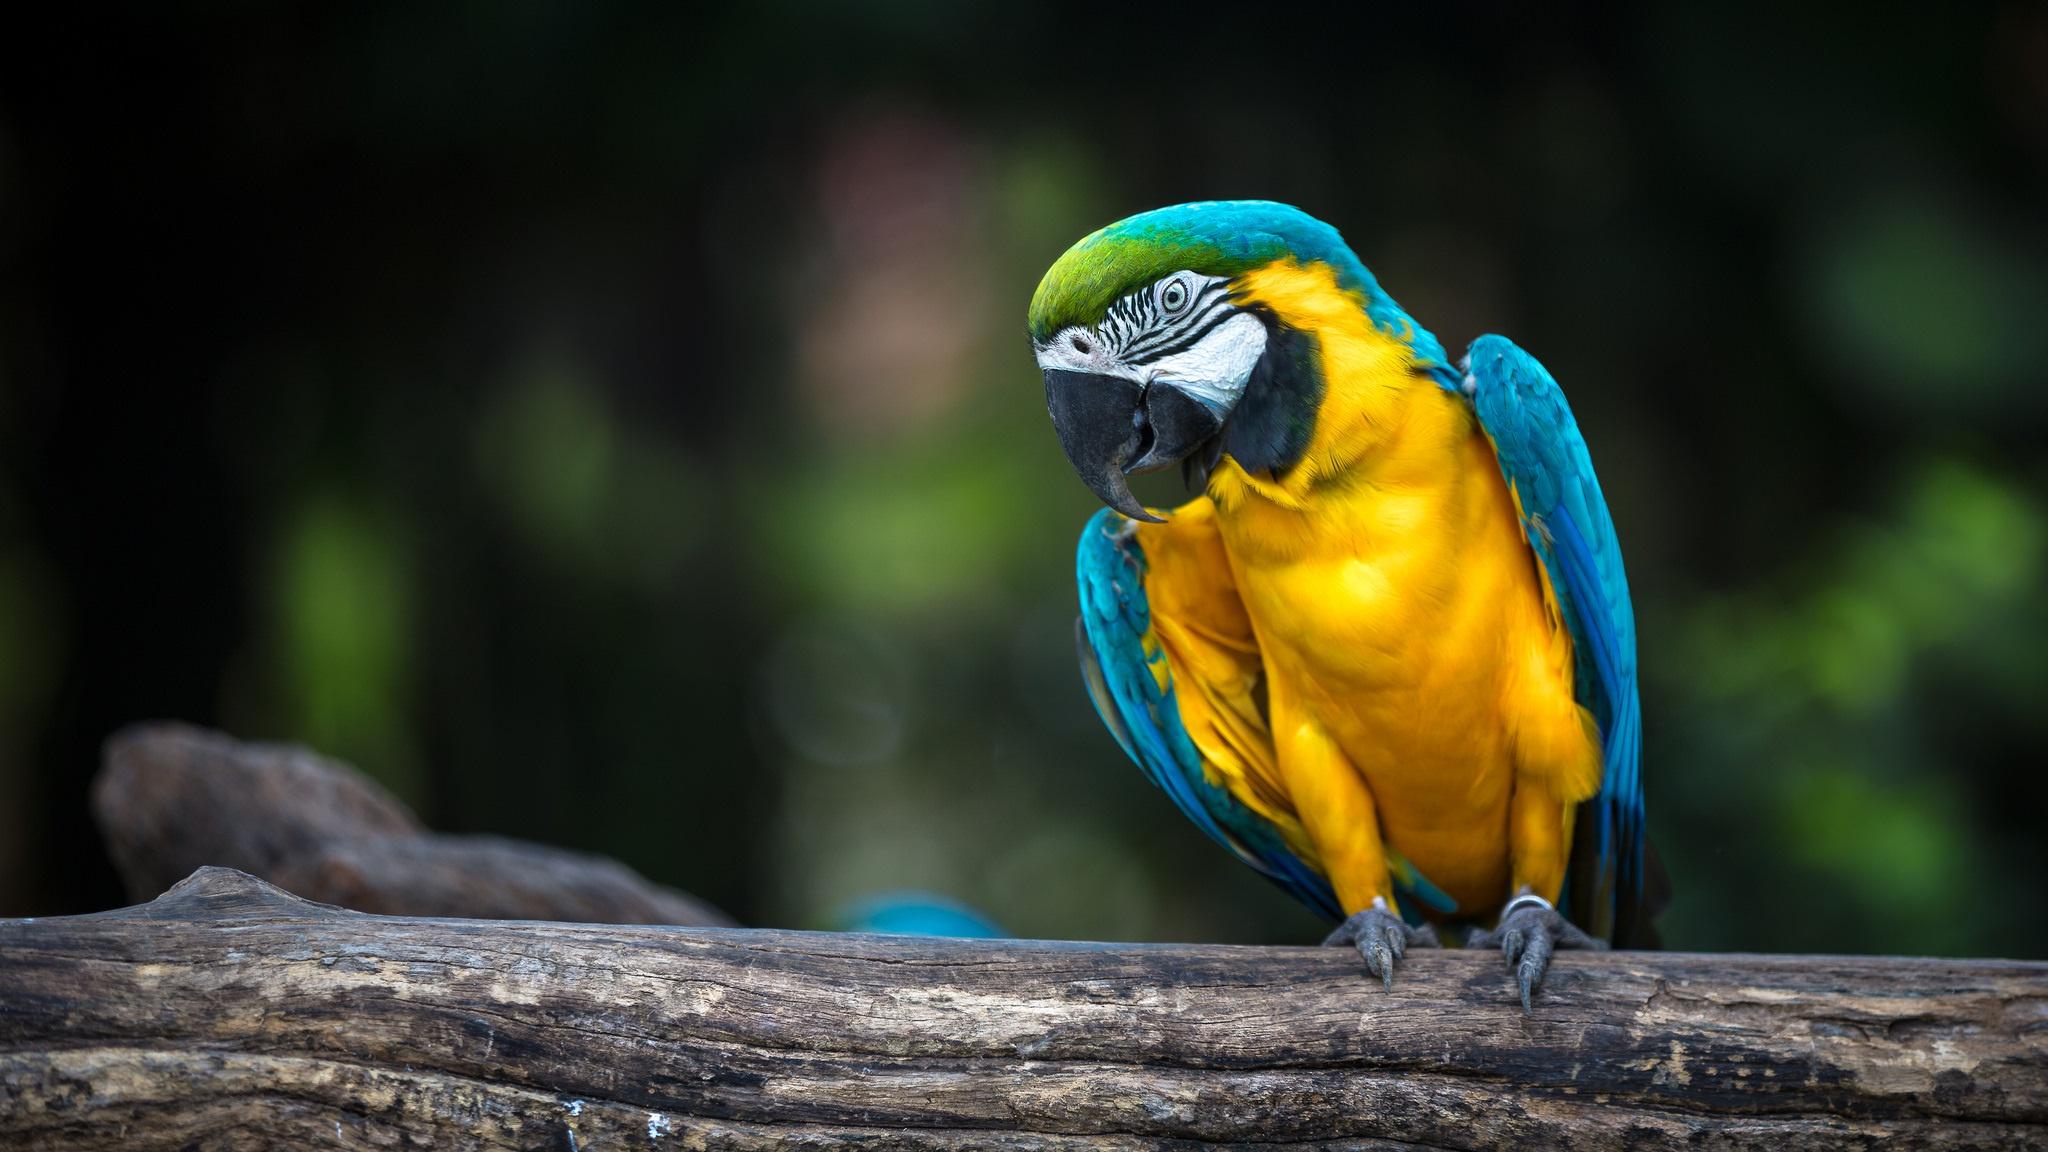 природа животные птицы попугаи  № 103494 загрузить